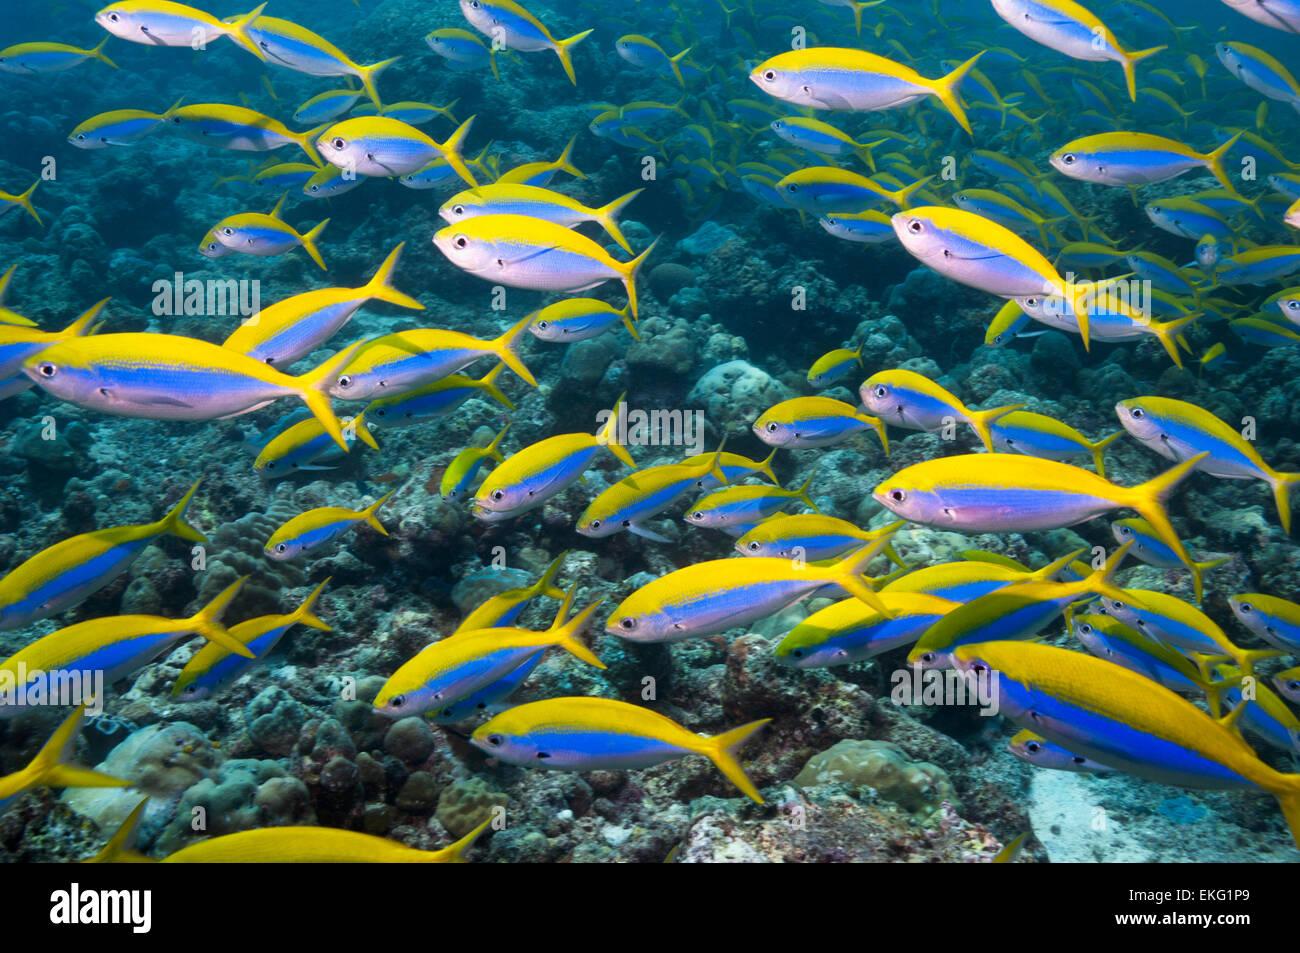 [Caesio Yellowback fusilier xanthonota] la escuela a través del arrecife de coral. Maldivas. Imagen De Stock